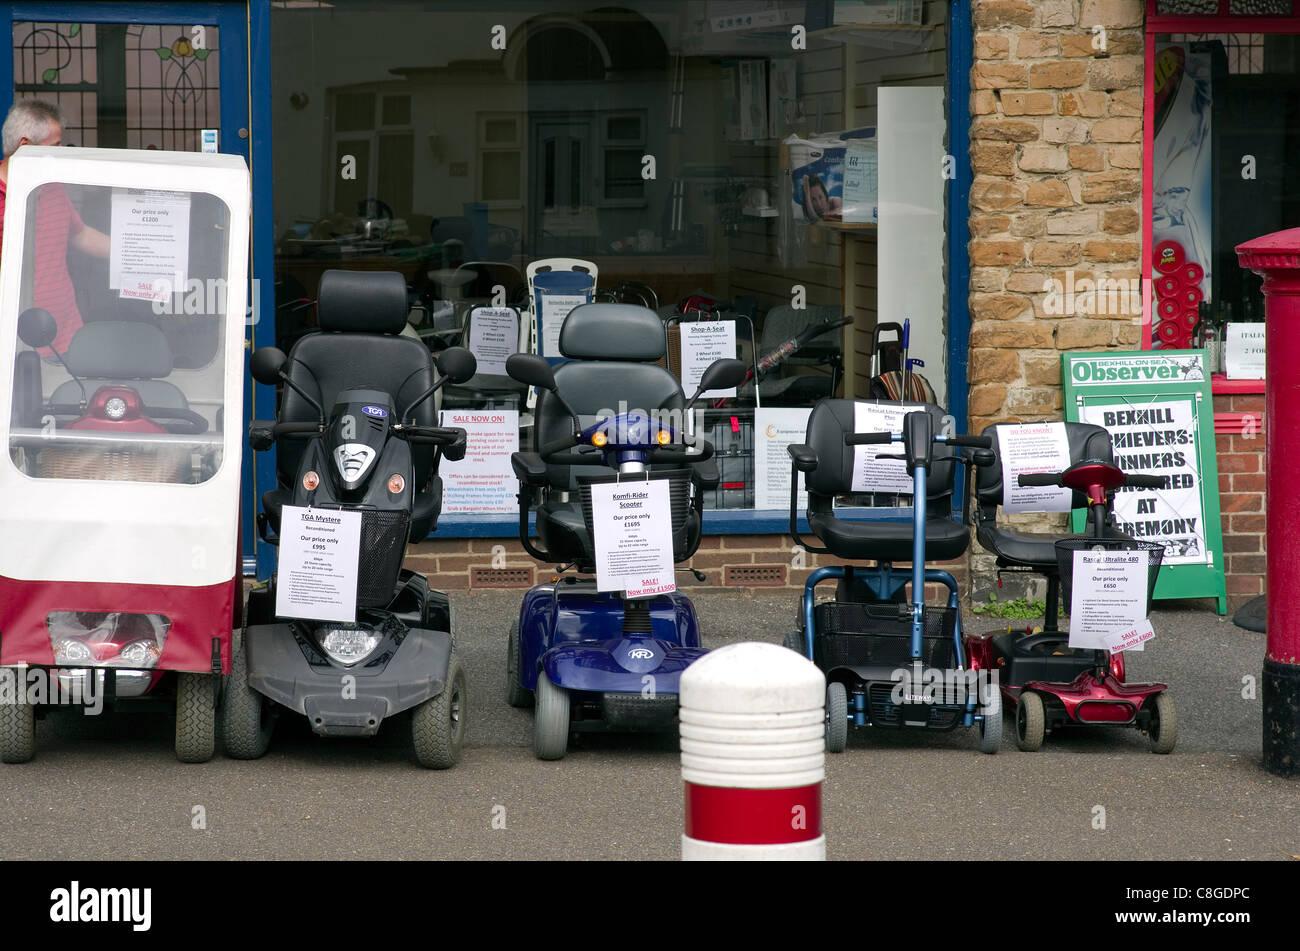 Visualizzazione di scooter di mobilità a un Occidente Bexhill shop in East Sussex. Immagini Stock